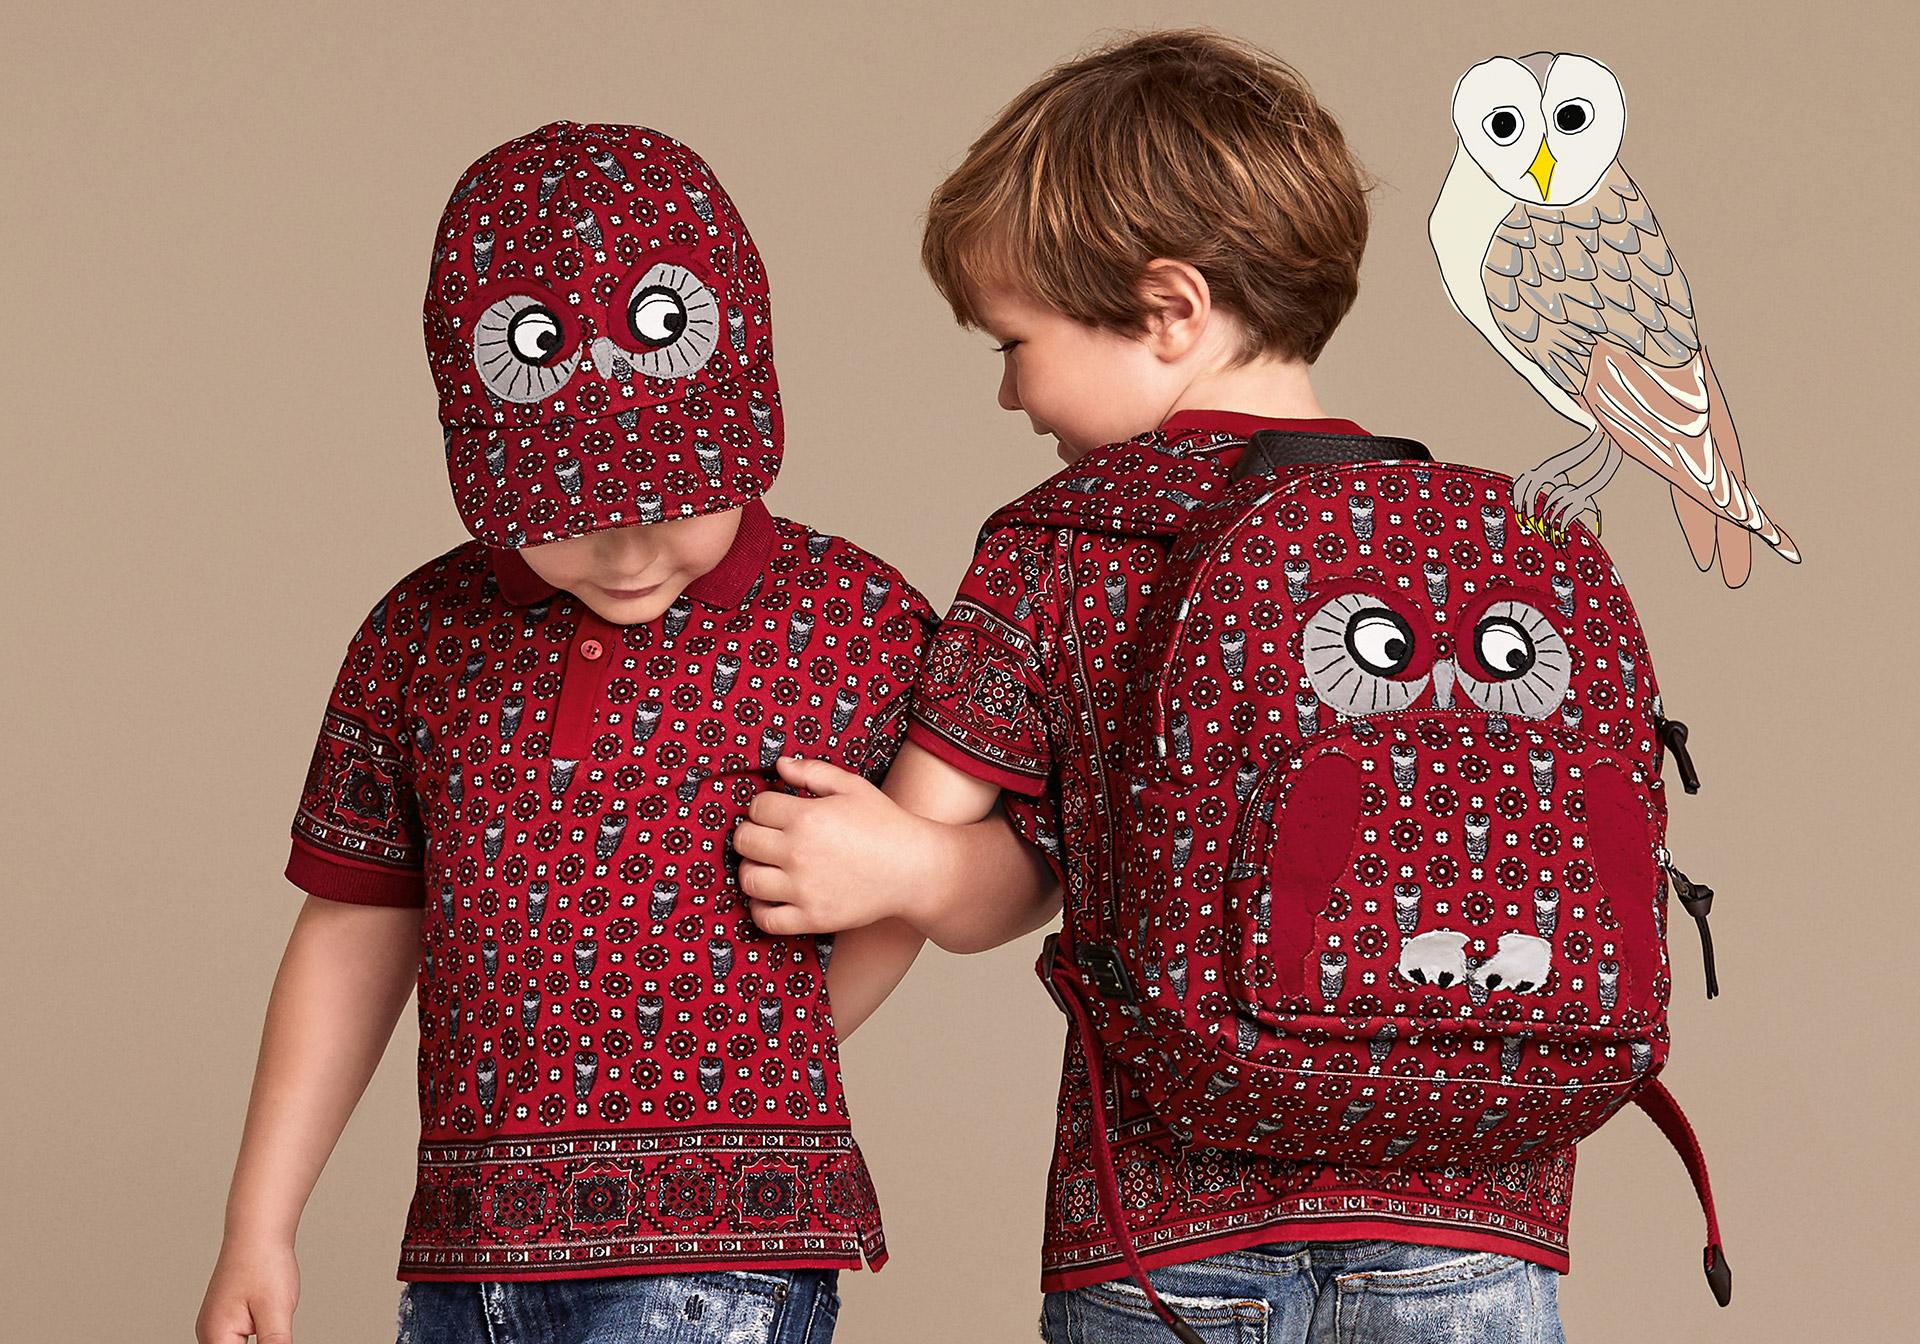 Новая коллекция для детей 2016 - разноцветная футболка в тон кепочка и рюкзак.